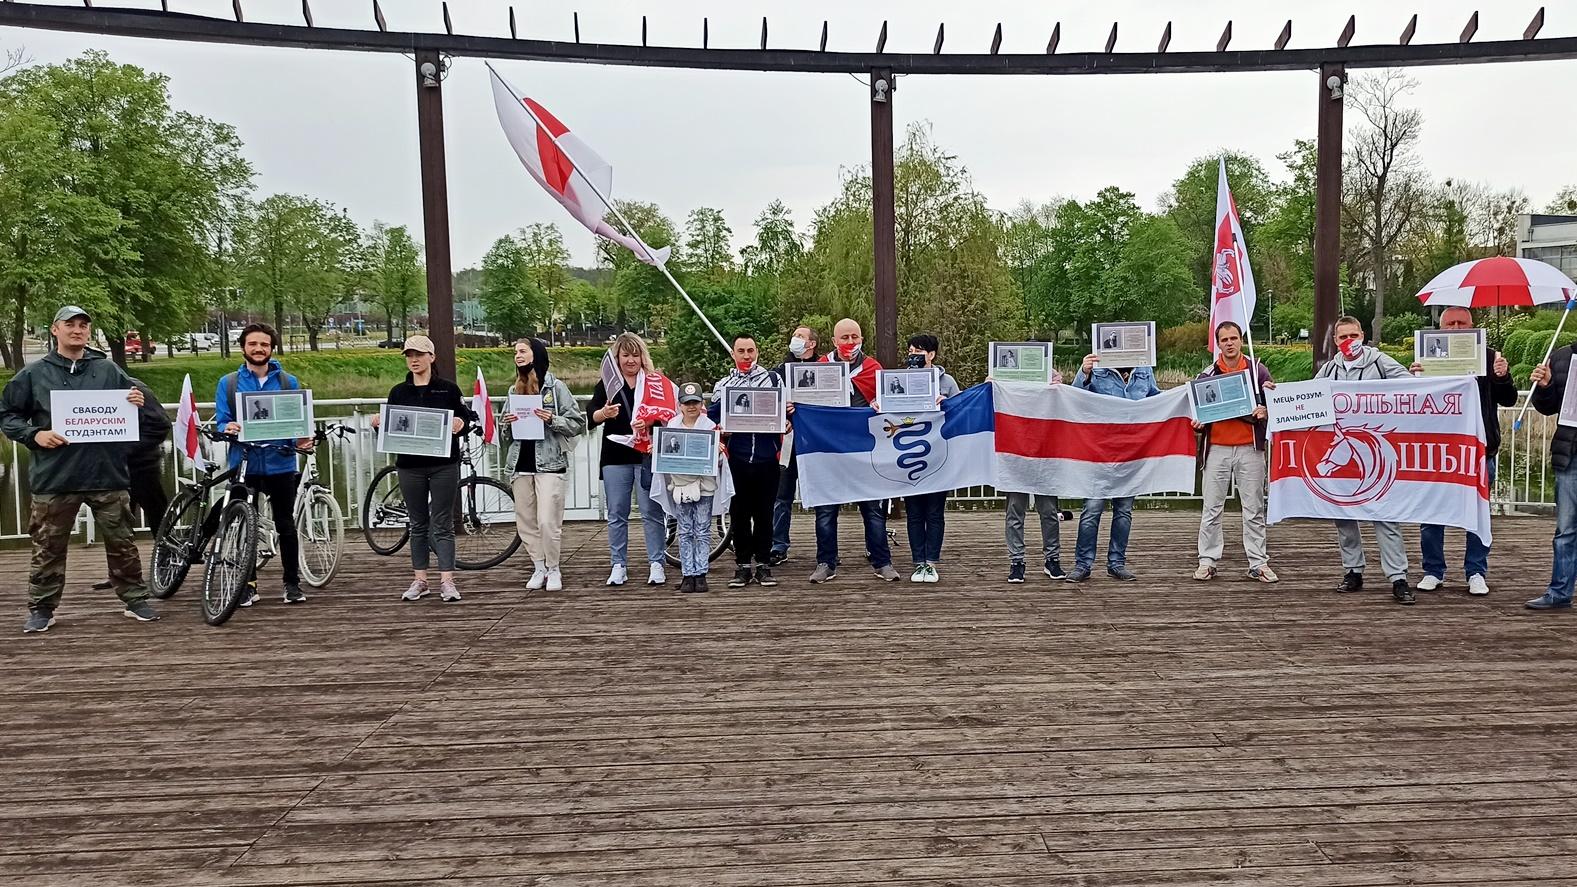 Białorusini zorganizowali przejazd rowerowy ulicami Białegostoku, by zwrócić uwagę na represje w ich kraju, fot. Źmicier Kościn